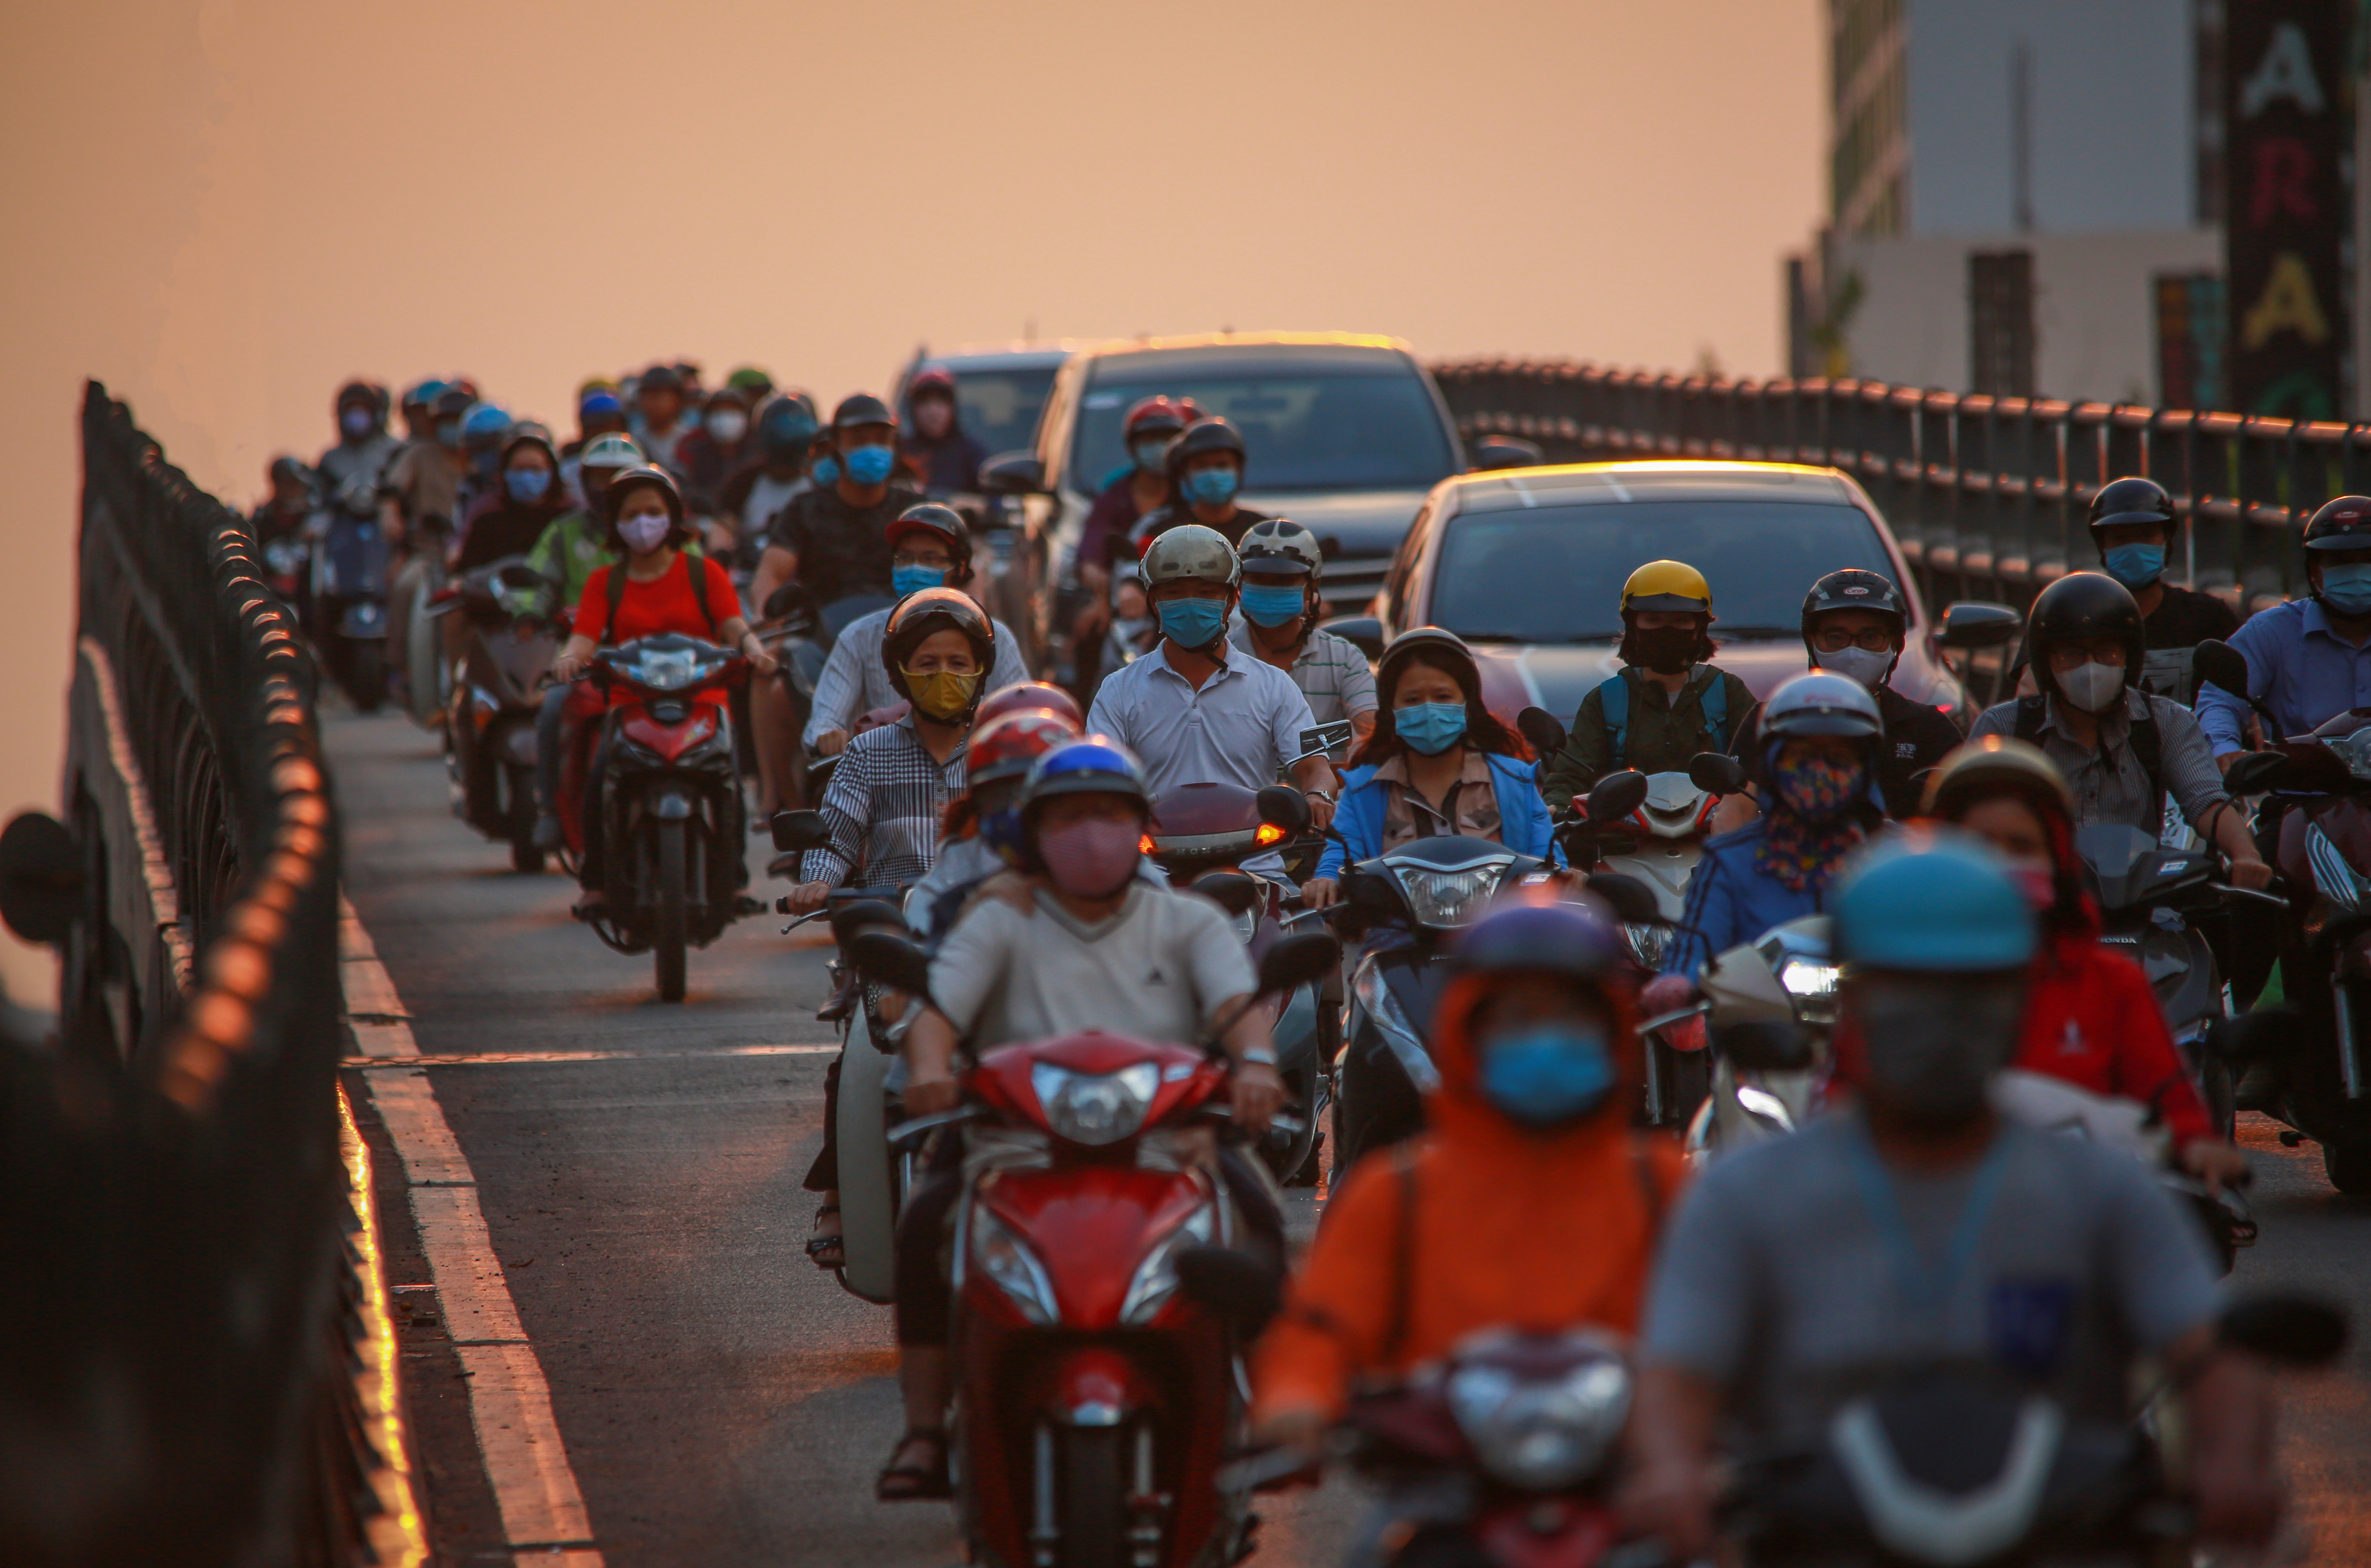 Sài Gòn đông đúc khi sắp kết thúc đợt cách ly toàn xã hội 14 ngày - Ảnh 8.